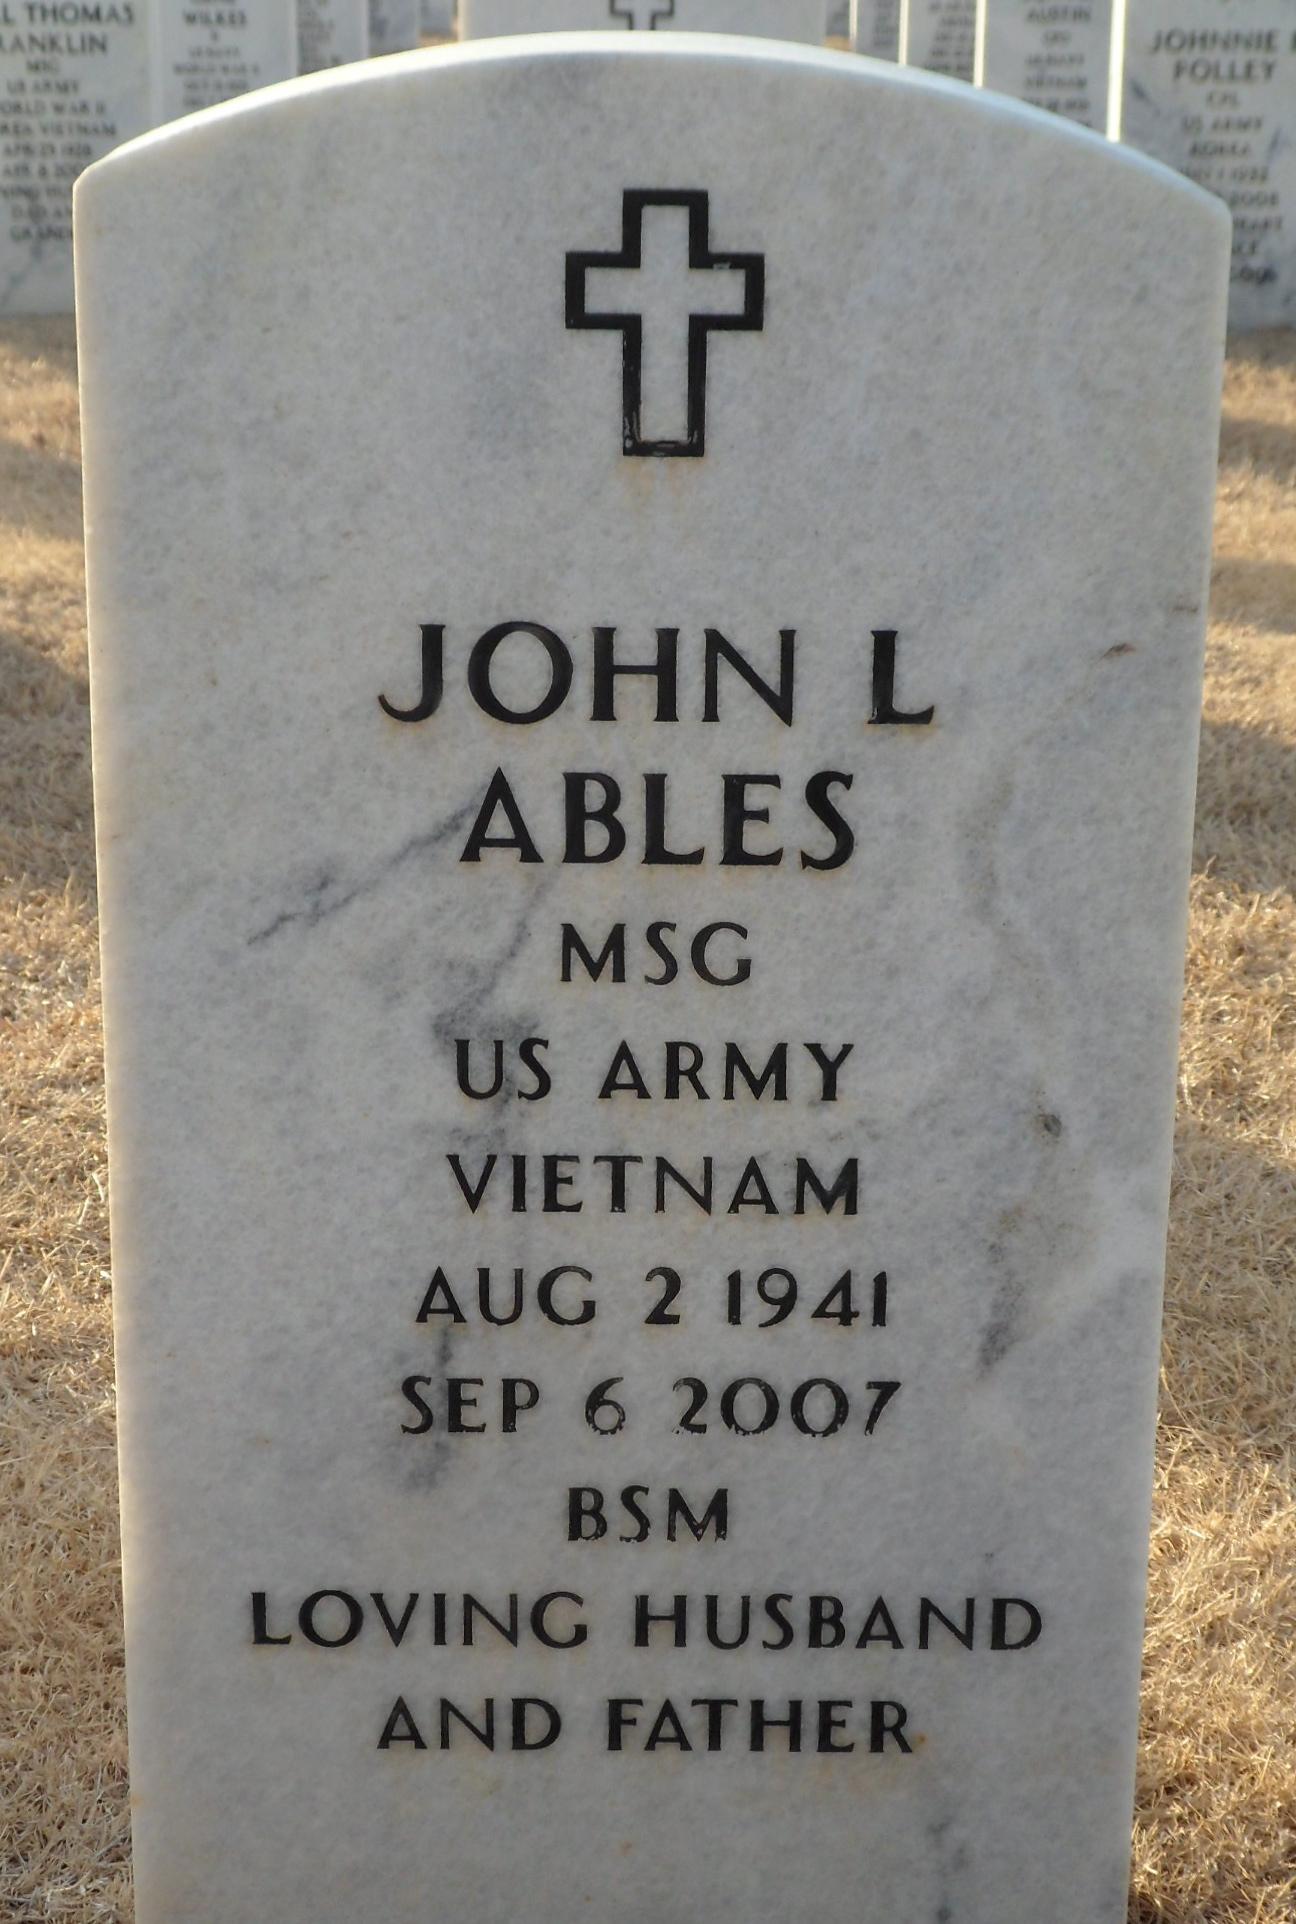 John L Ables